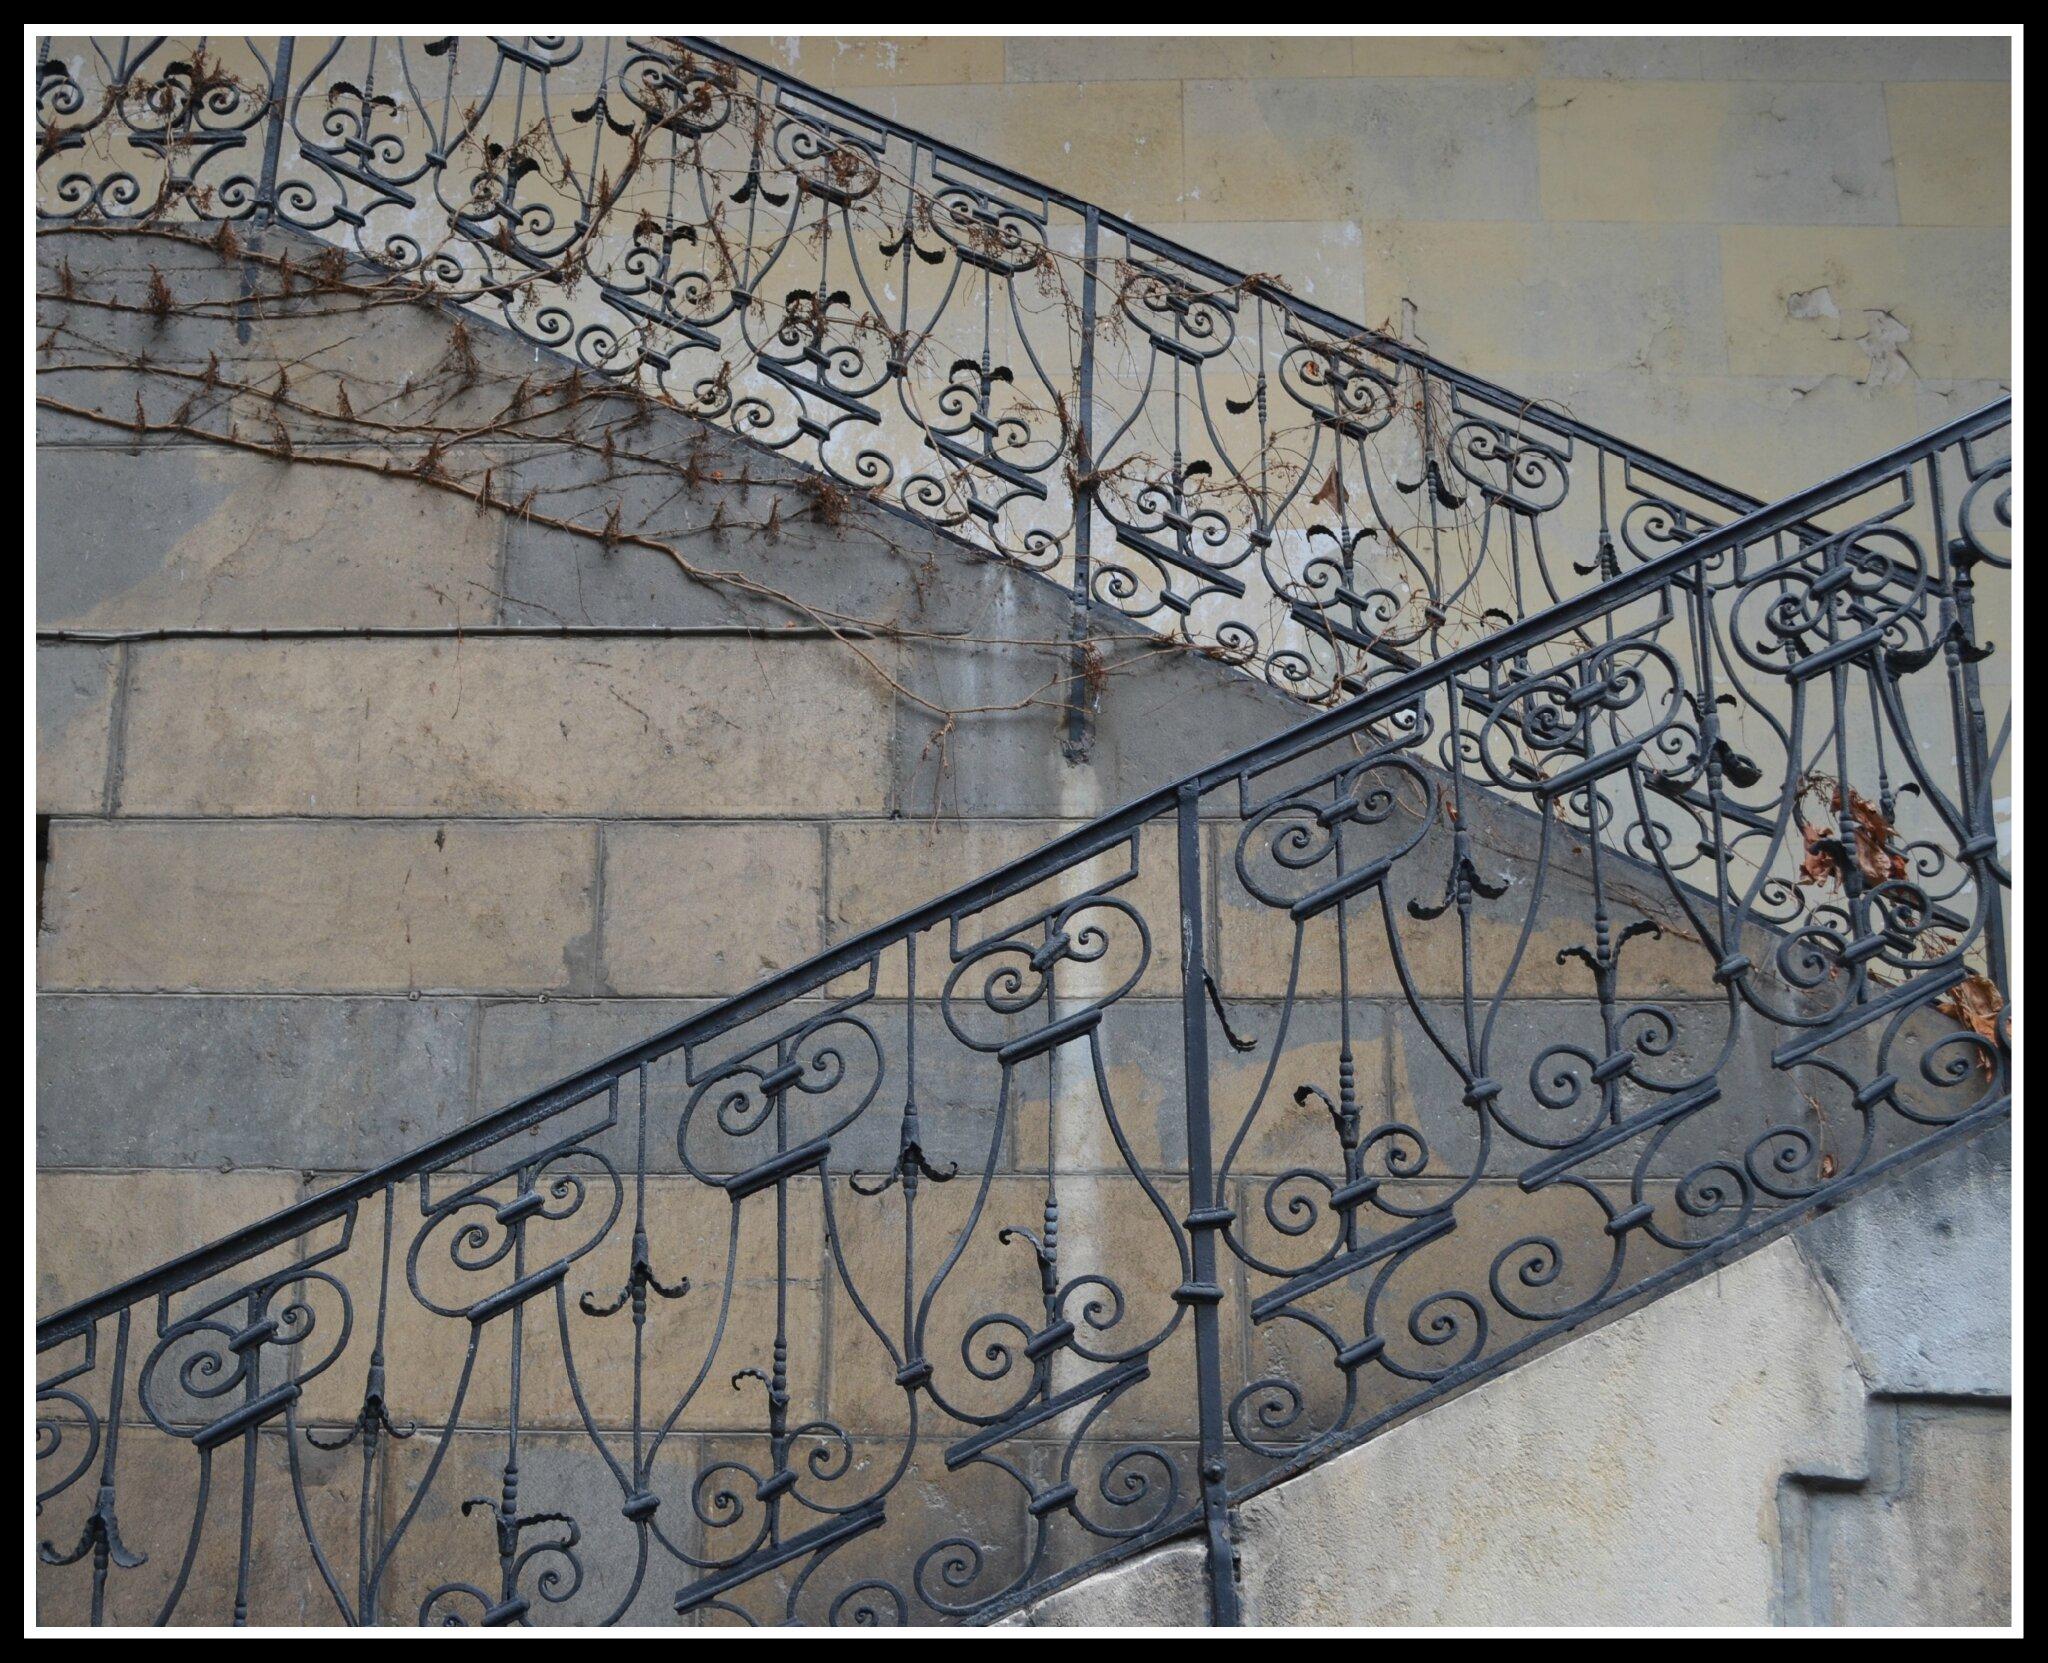 bois pierres fer forg marbre verri re pour des escaliers majestueux chambre avec vues. Black Bedroom Furniture Sets. Home Design Ideas